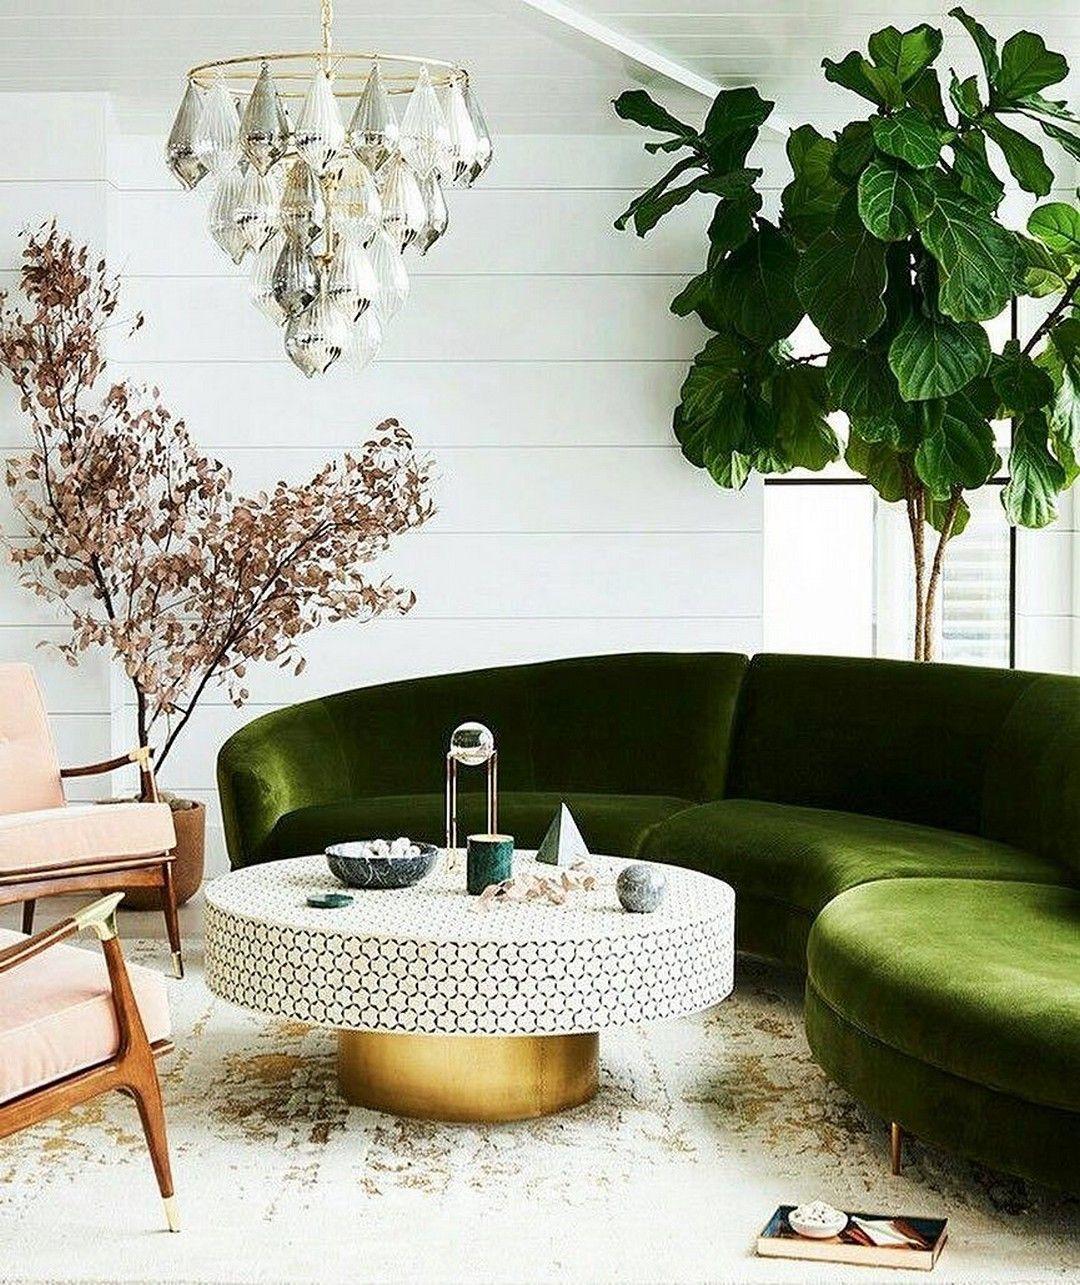 38 Ideas For Living Room: 38 Green Velvet Sofa Design Ideas To Makeover Your Living